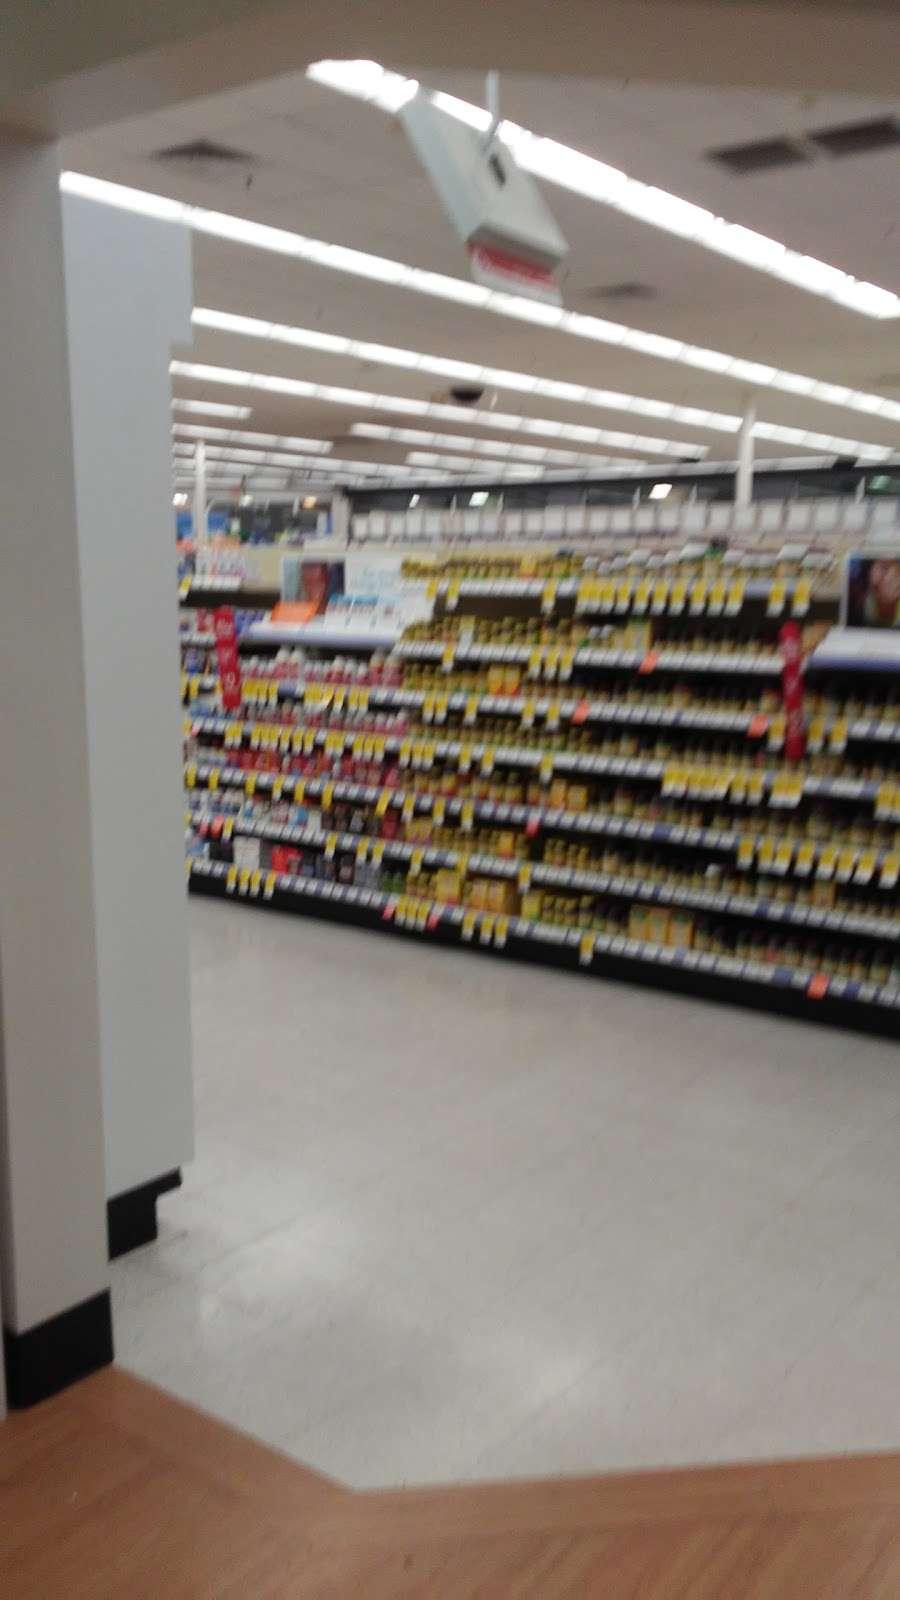 Walgreens Pharmacy - pharmacy  | Photo 1 of 6 | Address: 17383 Main St, Hesperia, CA 92345, USA | Phone: (760) 948-0481